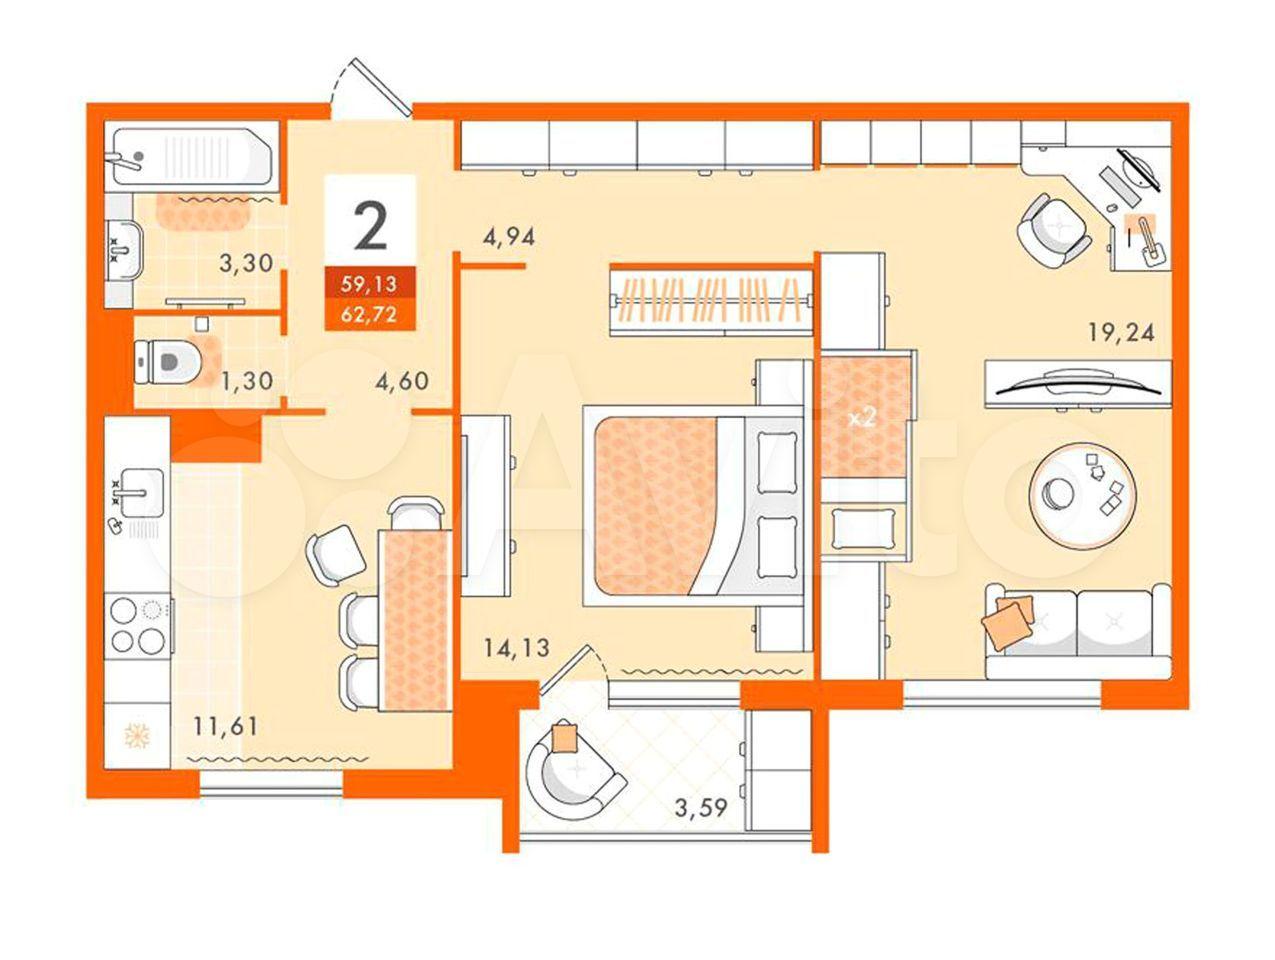 2-к квартира, 62.7 м², 4/5 эт.  89184364251 купить 1